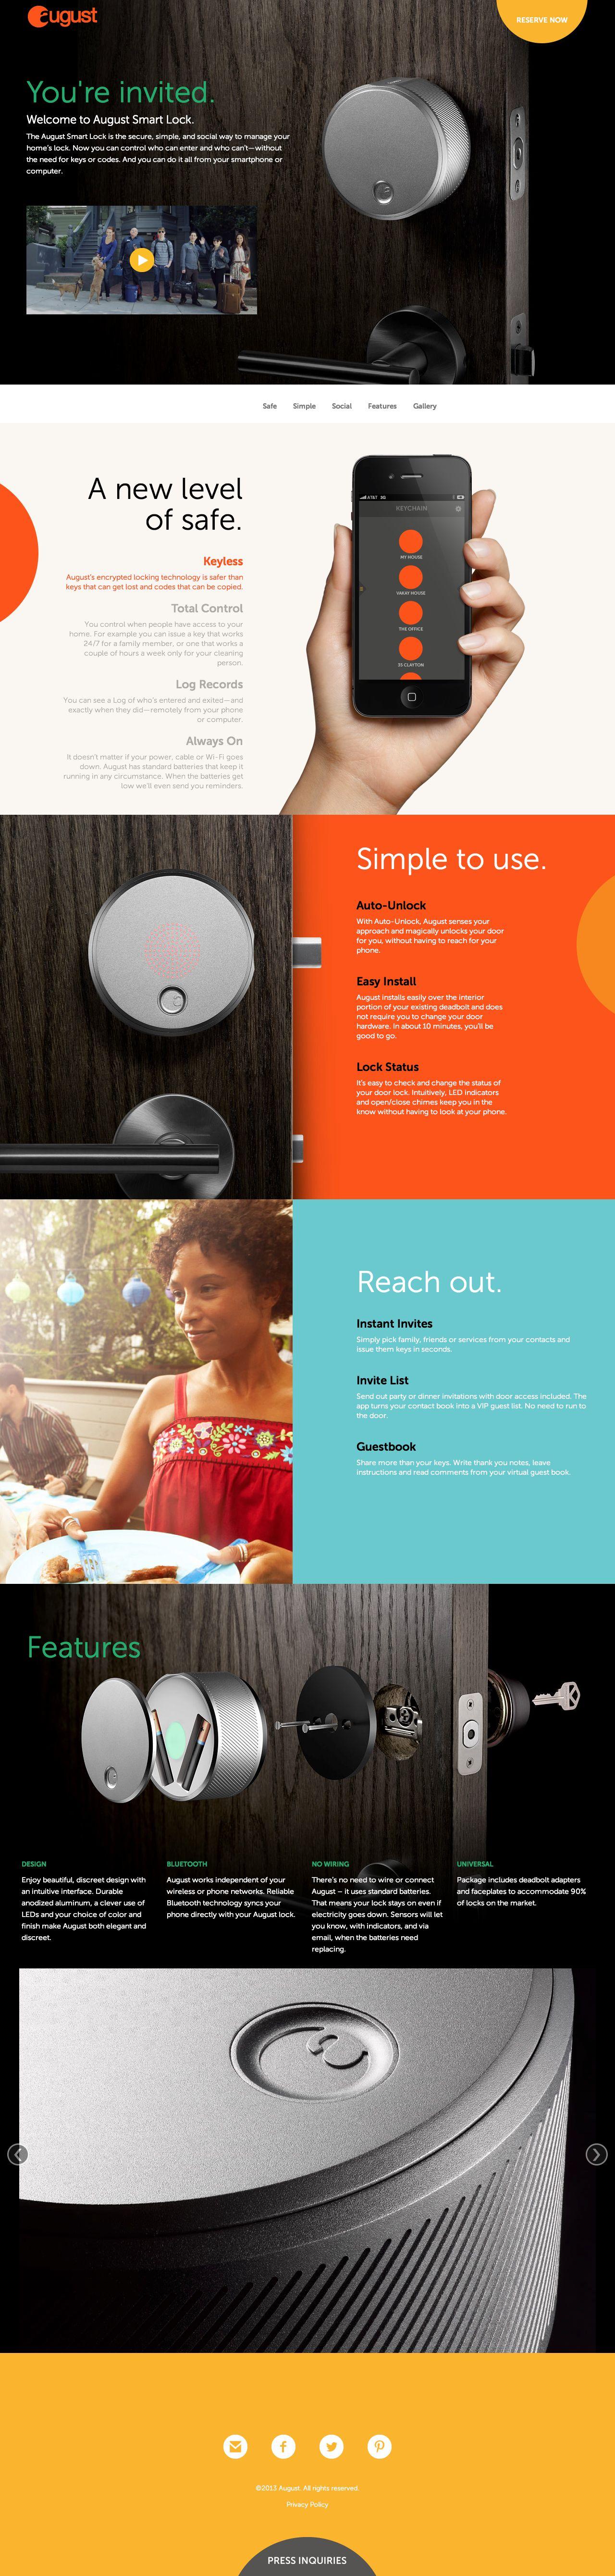 Website Smart Lock by Yves Behar Fun